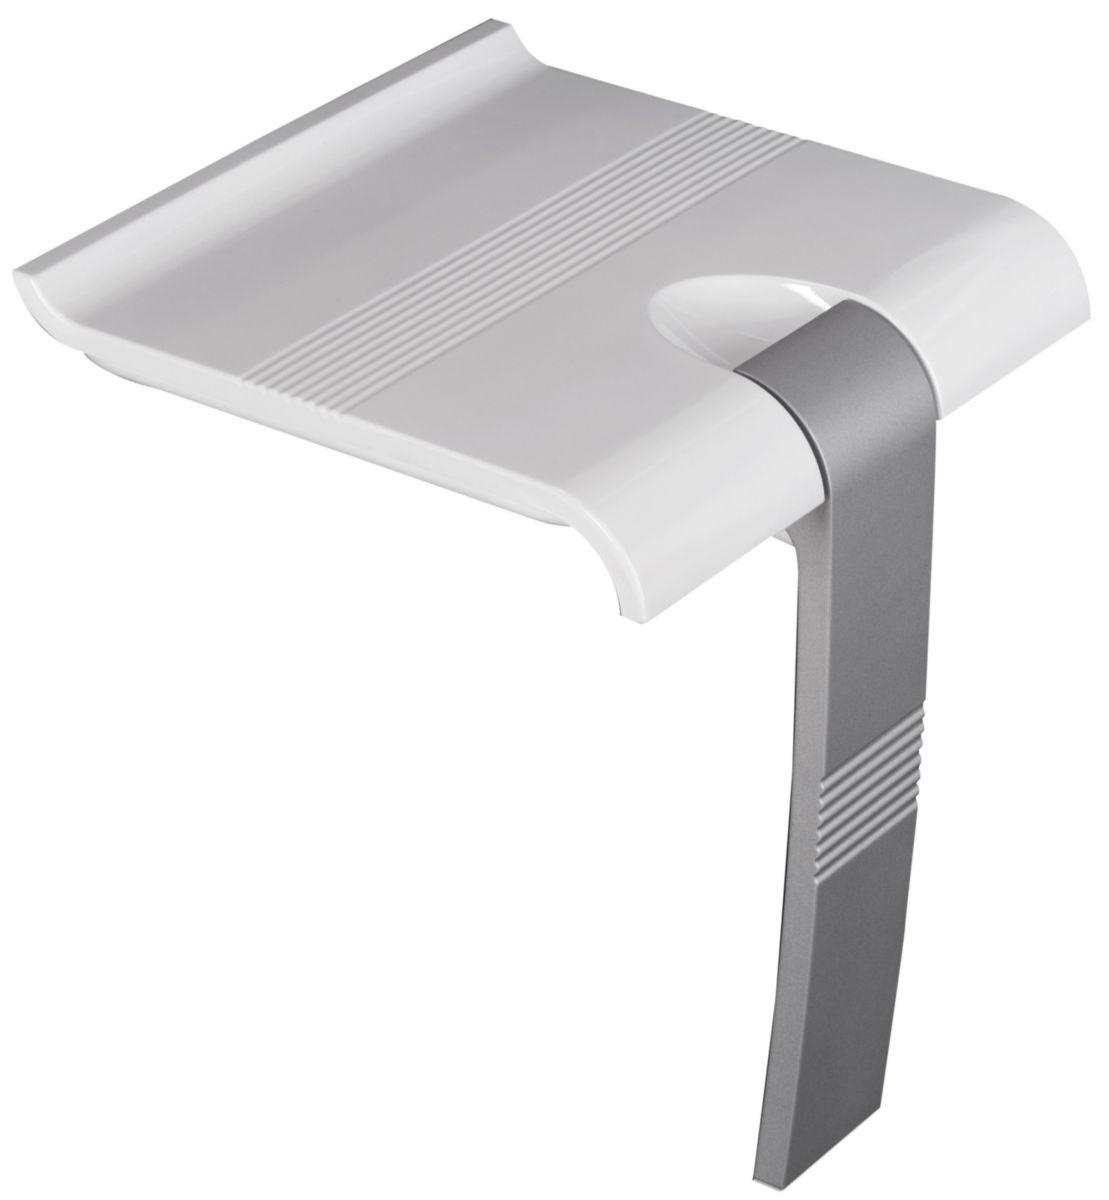 Siège de douche ARSIS escamotable Blanc & Gris mat Réf. 047731